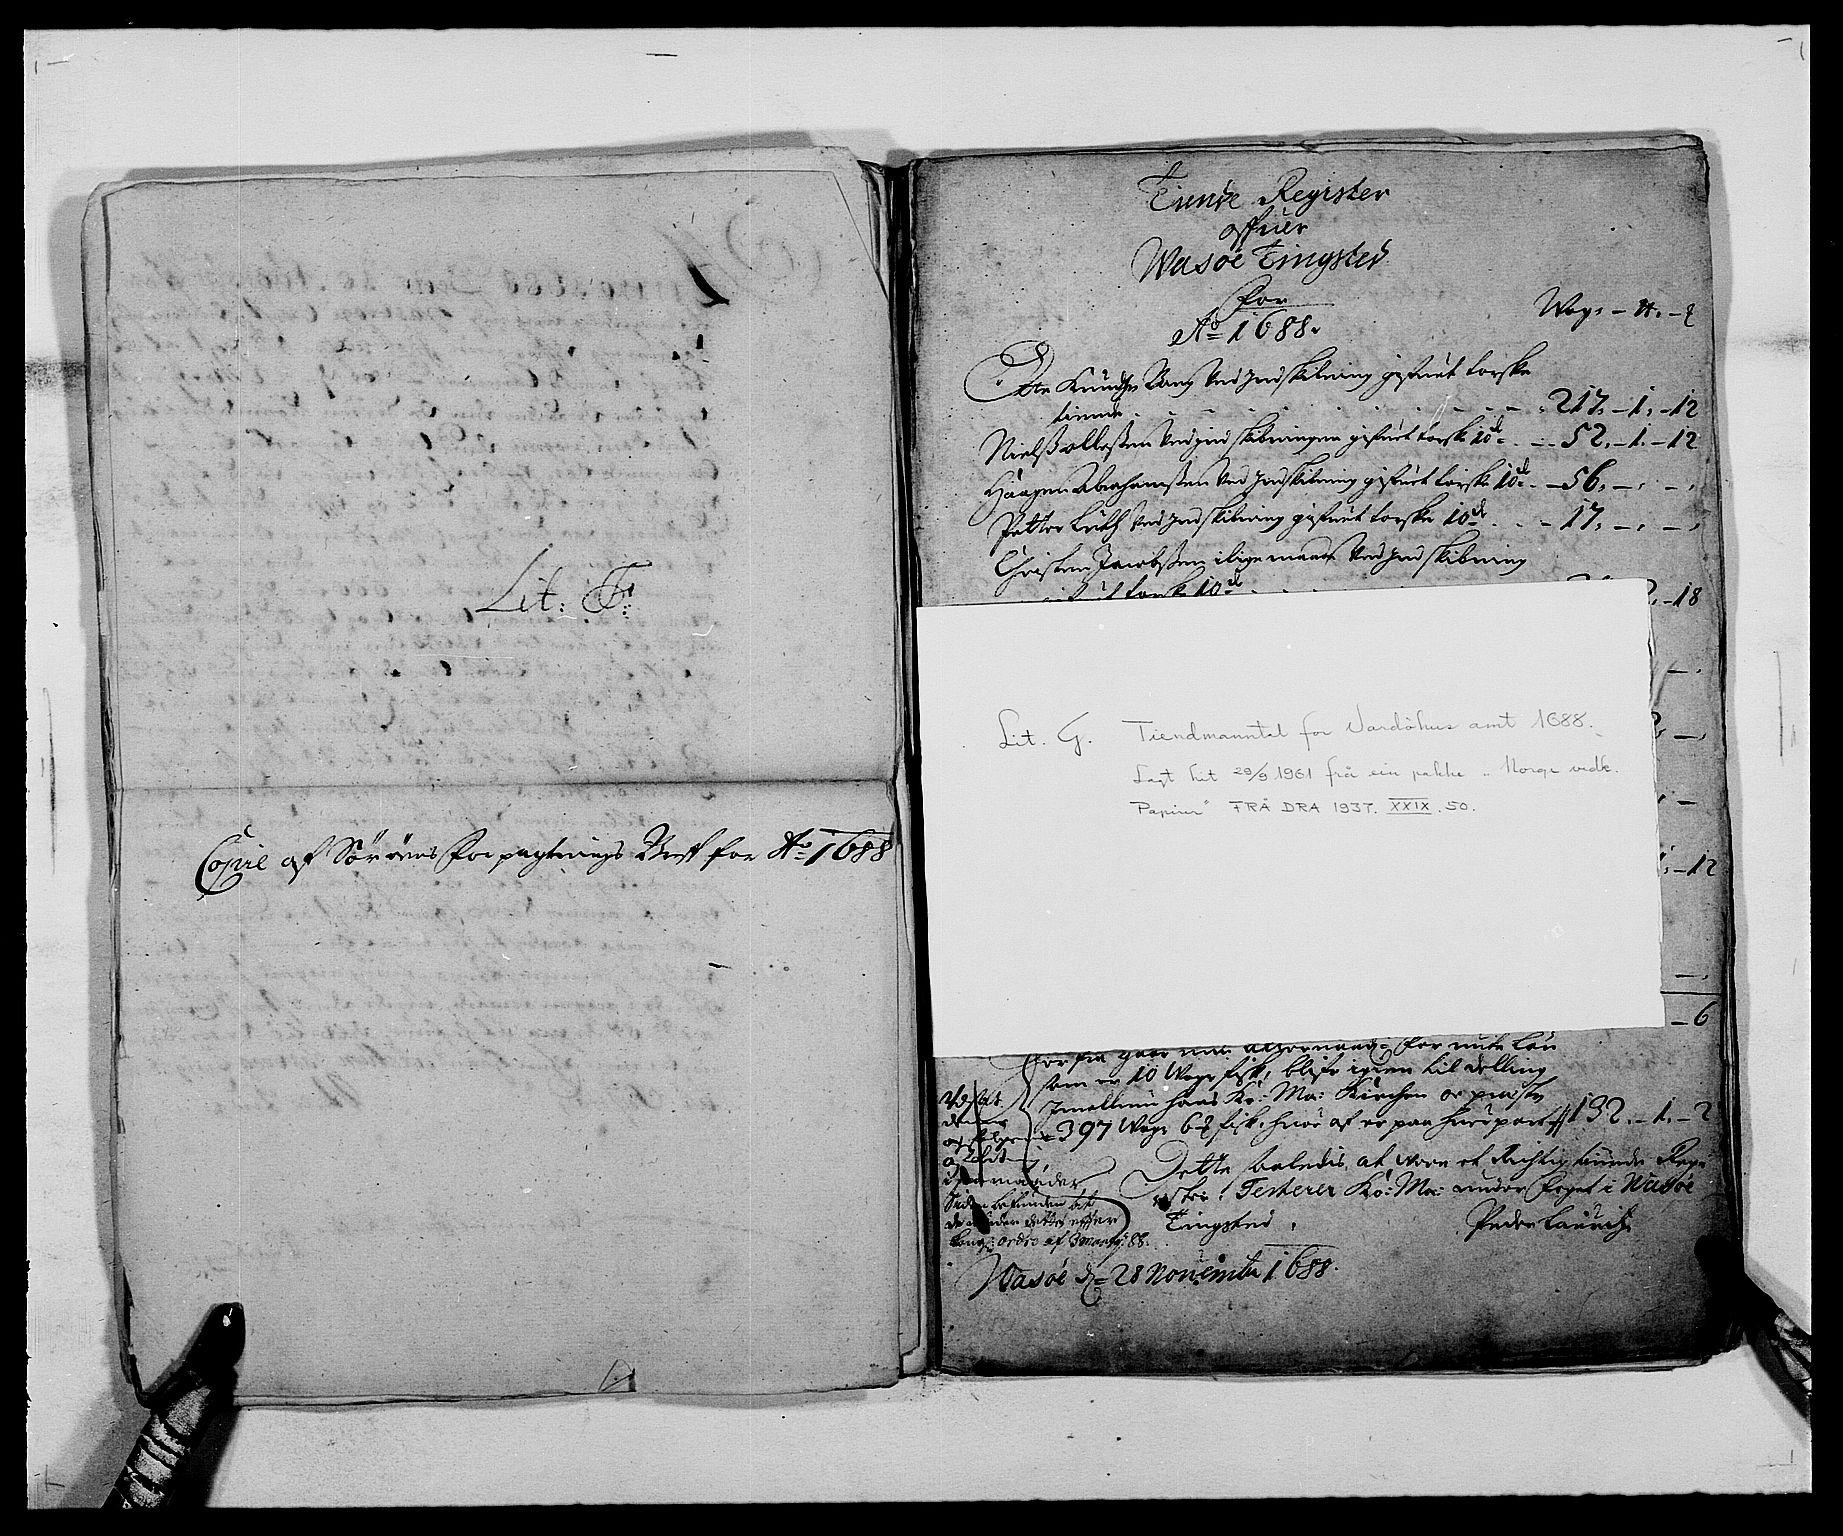 RA, Rentekammeret inntil 1814, Reviderte regnskaper, Fogderegnskap, R69/L4850: Fogderegnskap Finnmark/Vardøhus, 1680-1690, s. 96